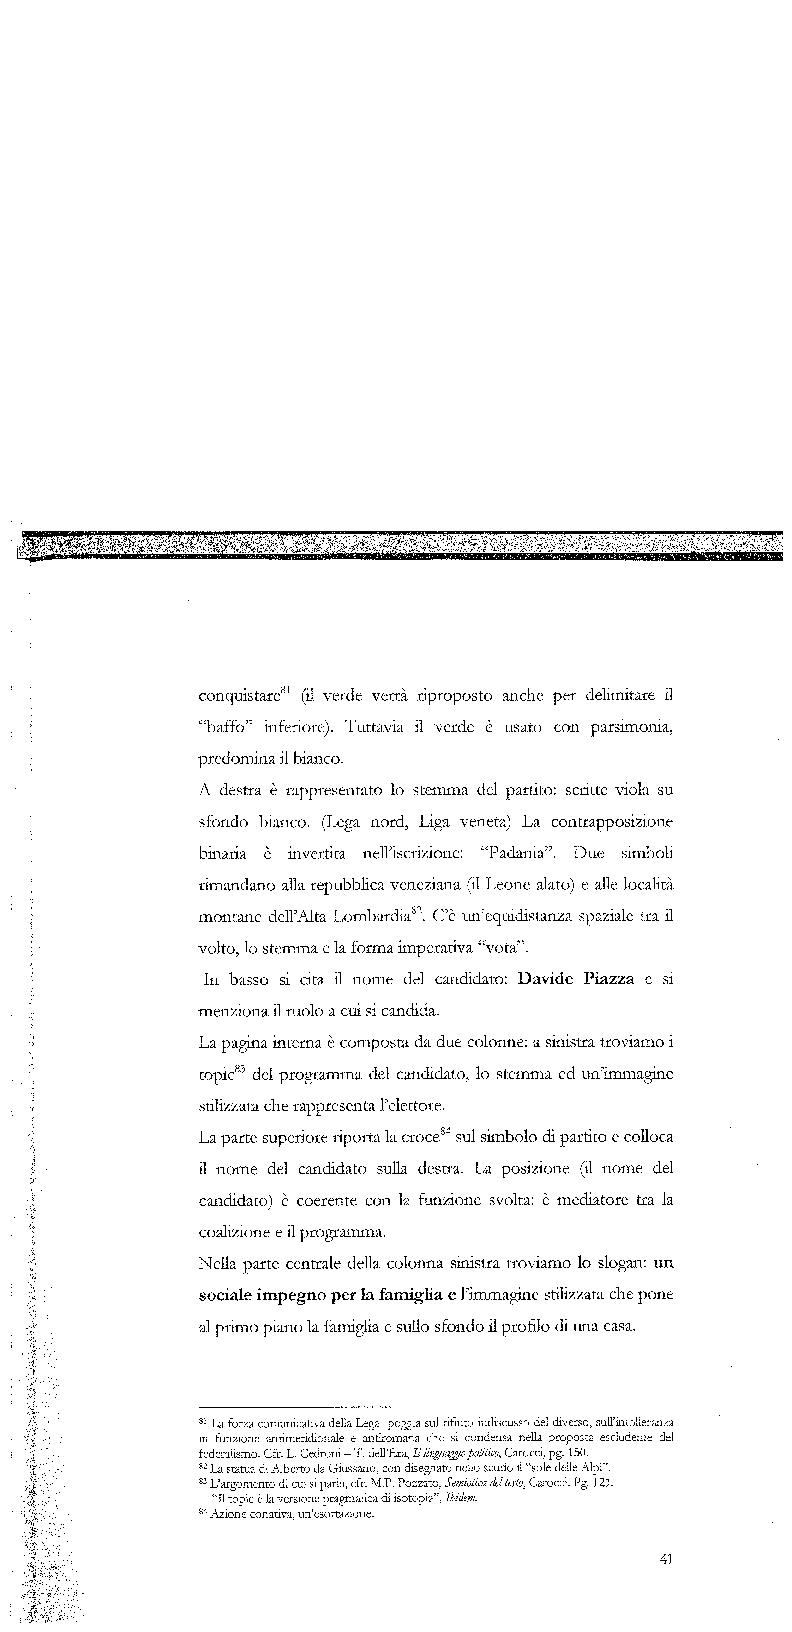 Anteprima della tesi: Strategie di persuasione elettorale durante le regionali 2005 in Veneto, Pagina 11